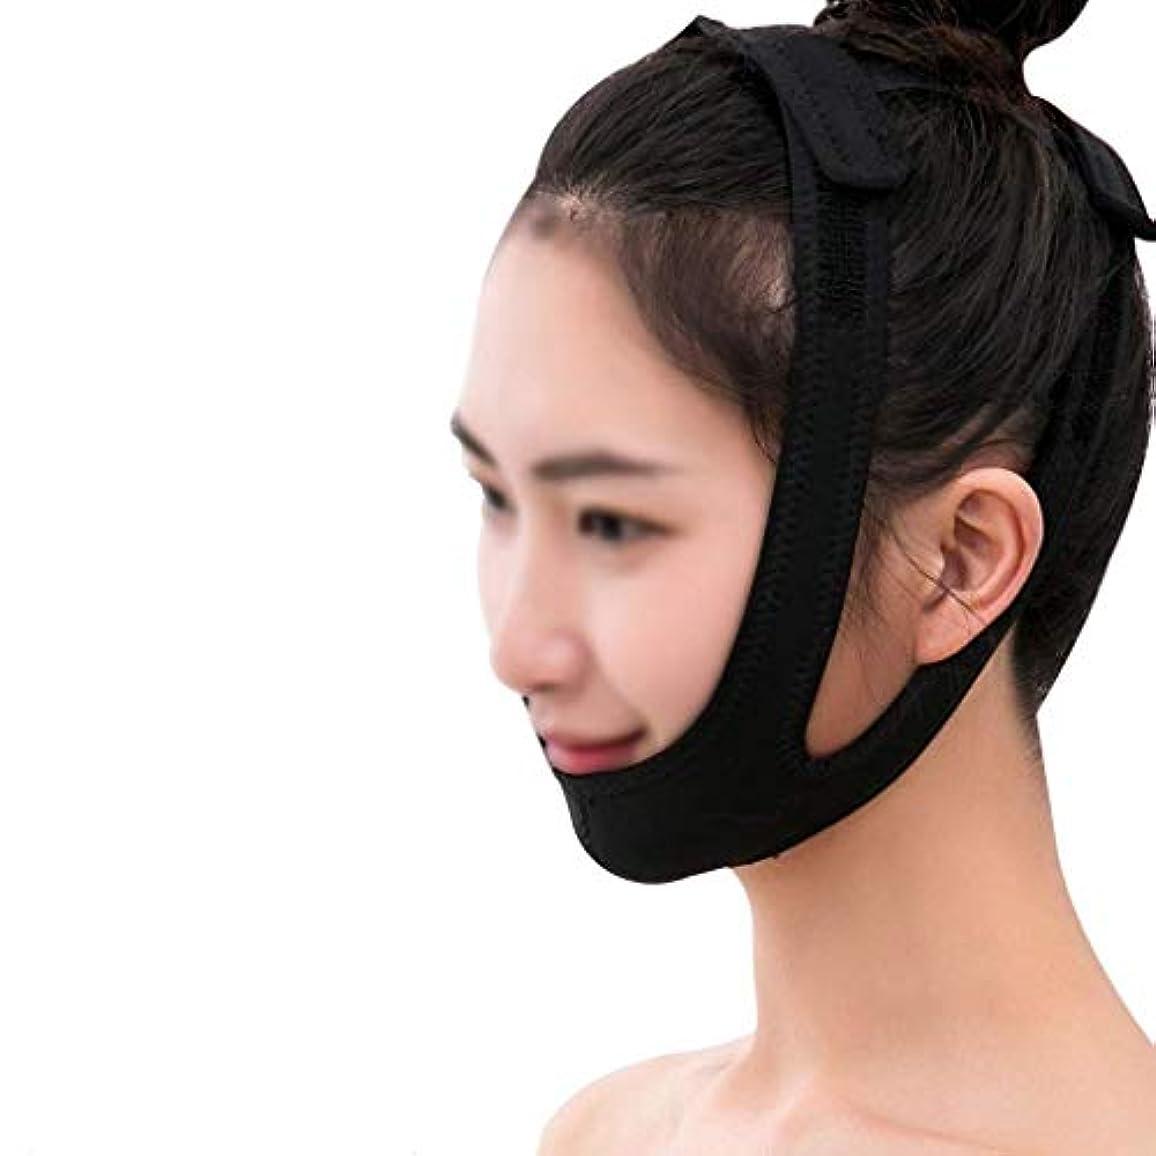 成功追い付く優勢フェイシャルリフティングマスク、医療用ワイヤーカービングリカバリーヘッドギアVフェイスバンデージダブルチンフェイスリフトマスク